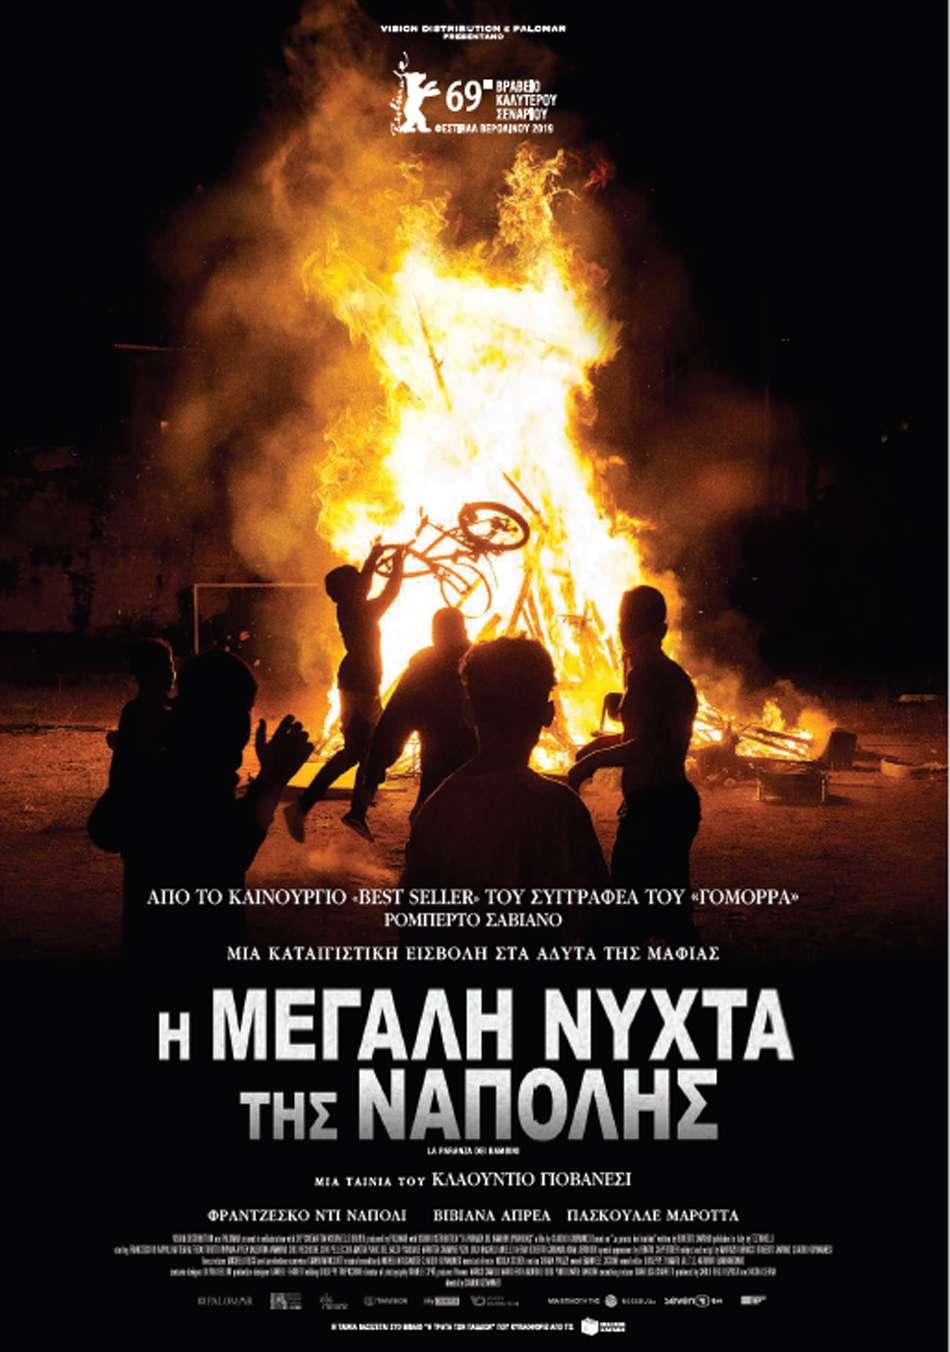 Η Μεγάλη Νύχτα της Νάπολης (La Paranza dei Bambini) Poster Πόστερ